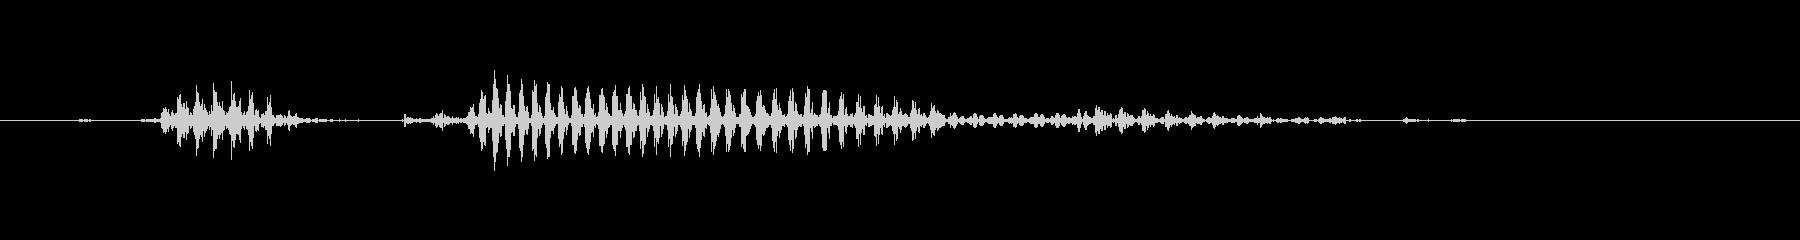 和歌山(県名)の未再生の波形